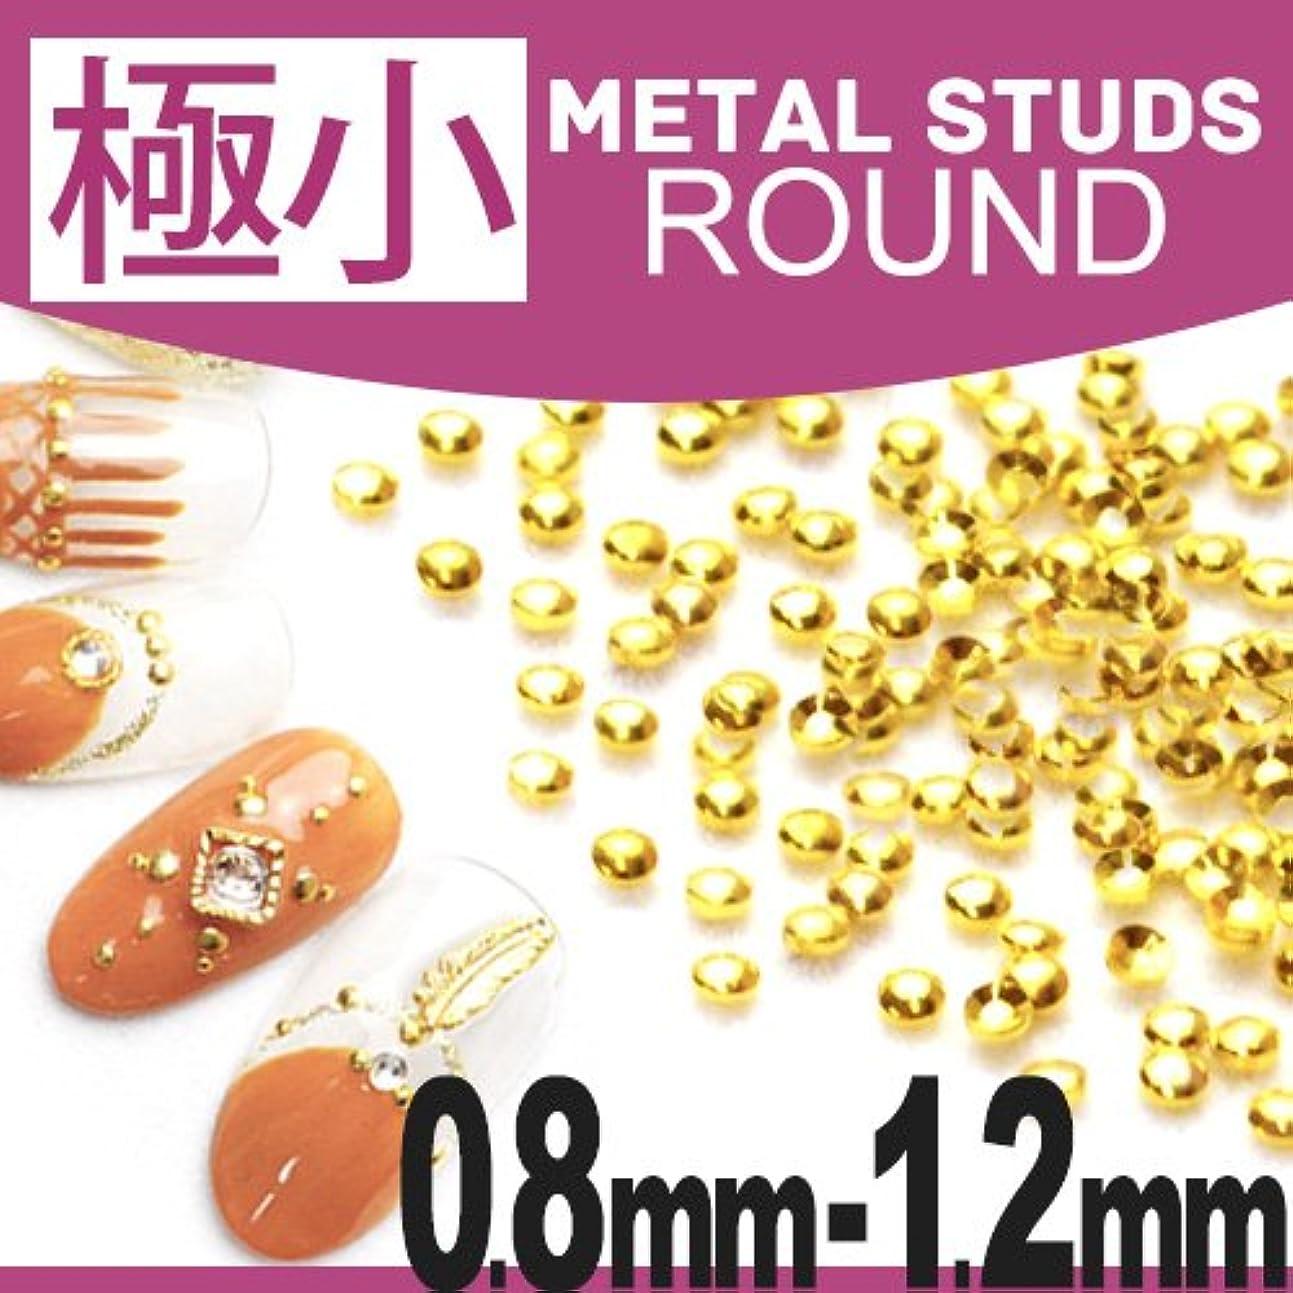 極小ラウンドメタルスタッズ 0.8mm[シルバー] メタルパーツ ジェルネイル